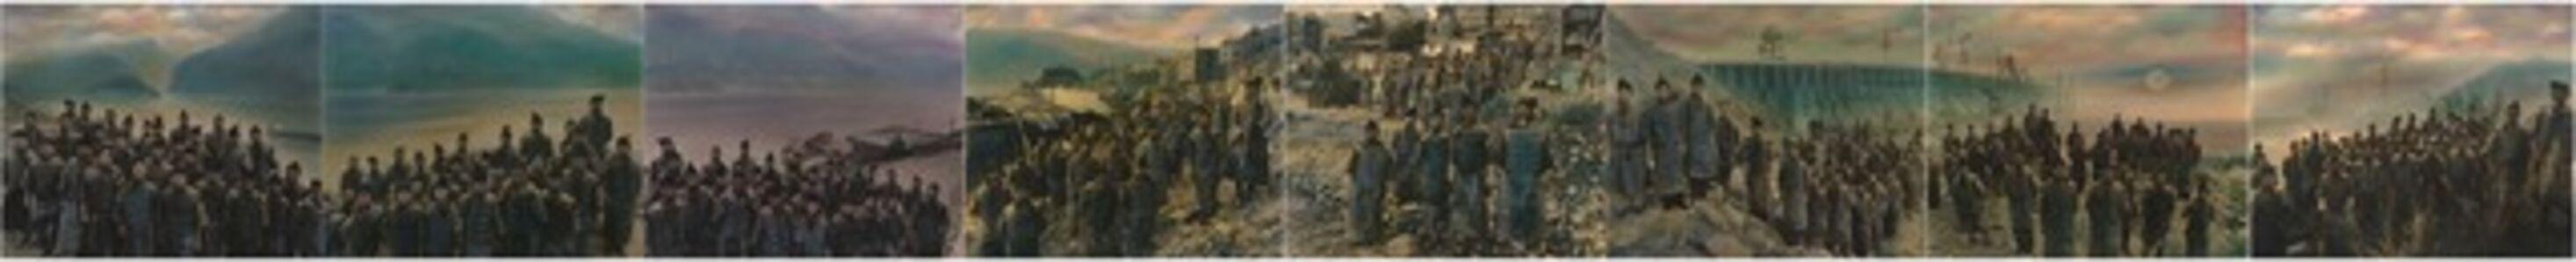 San Xia 2 (Three Gorges 2)